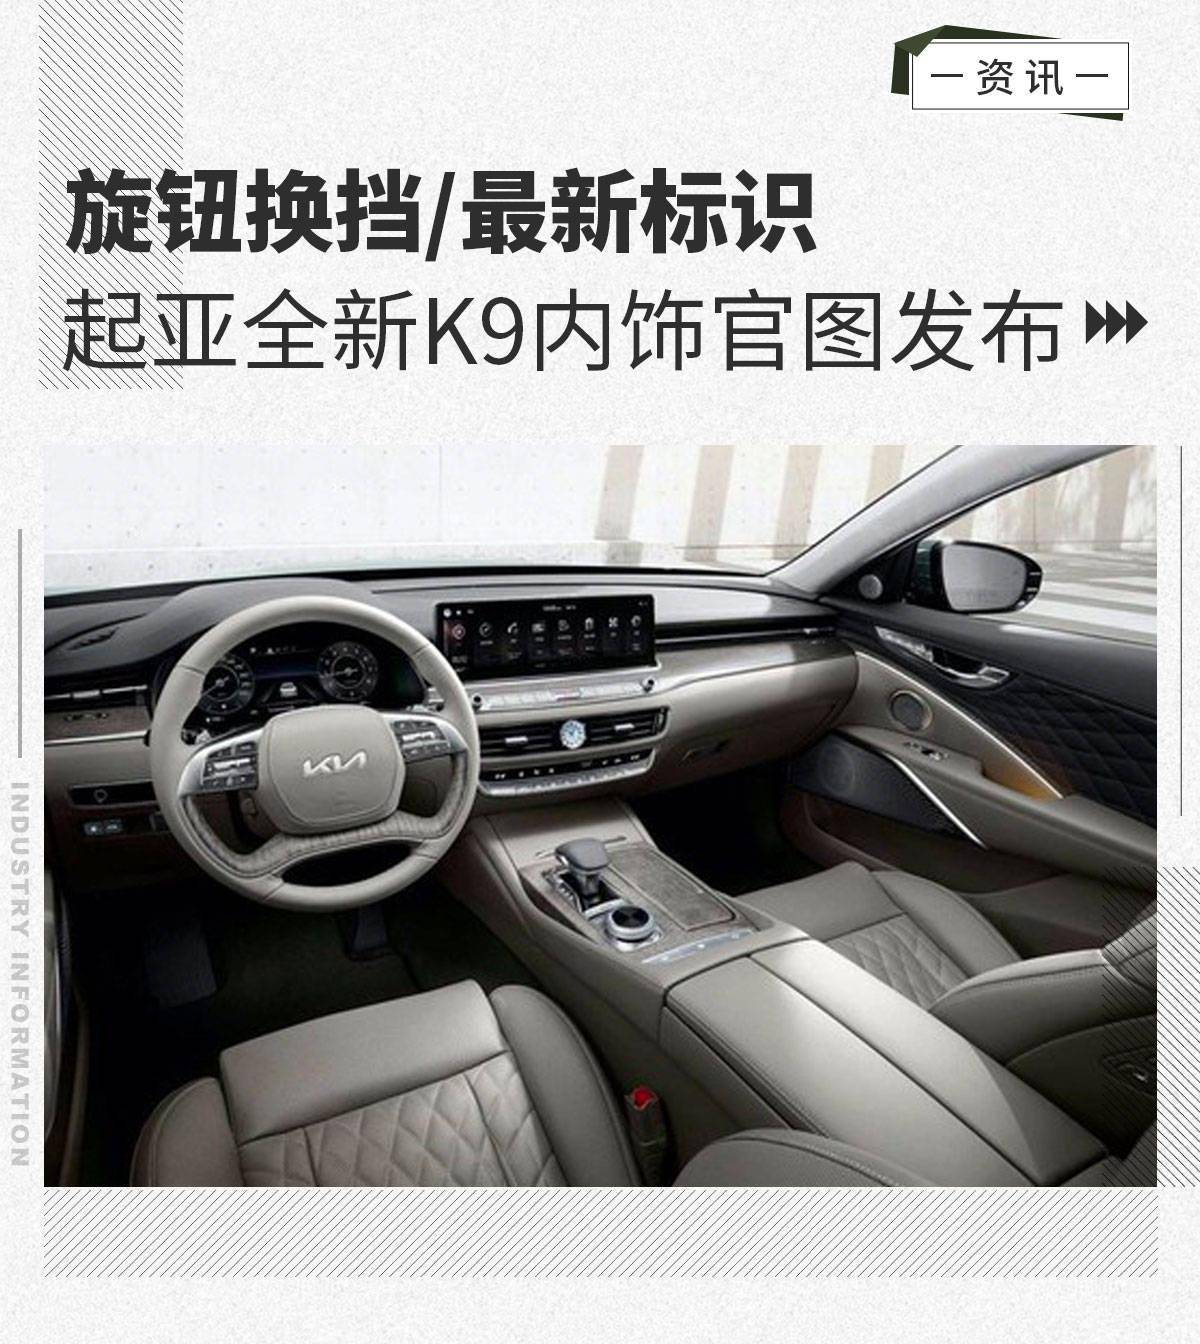 旋钮式换挡/最新标识 起亚全新K9内饰官图发布